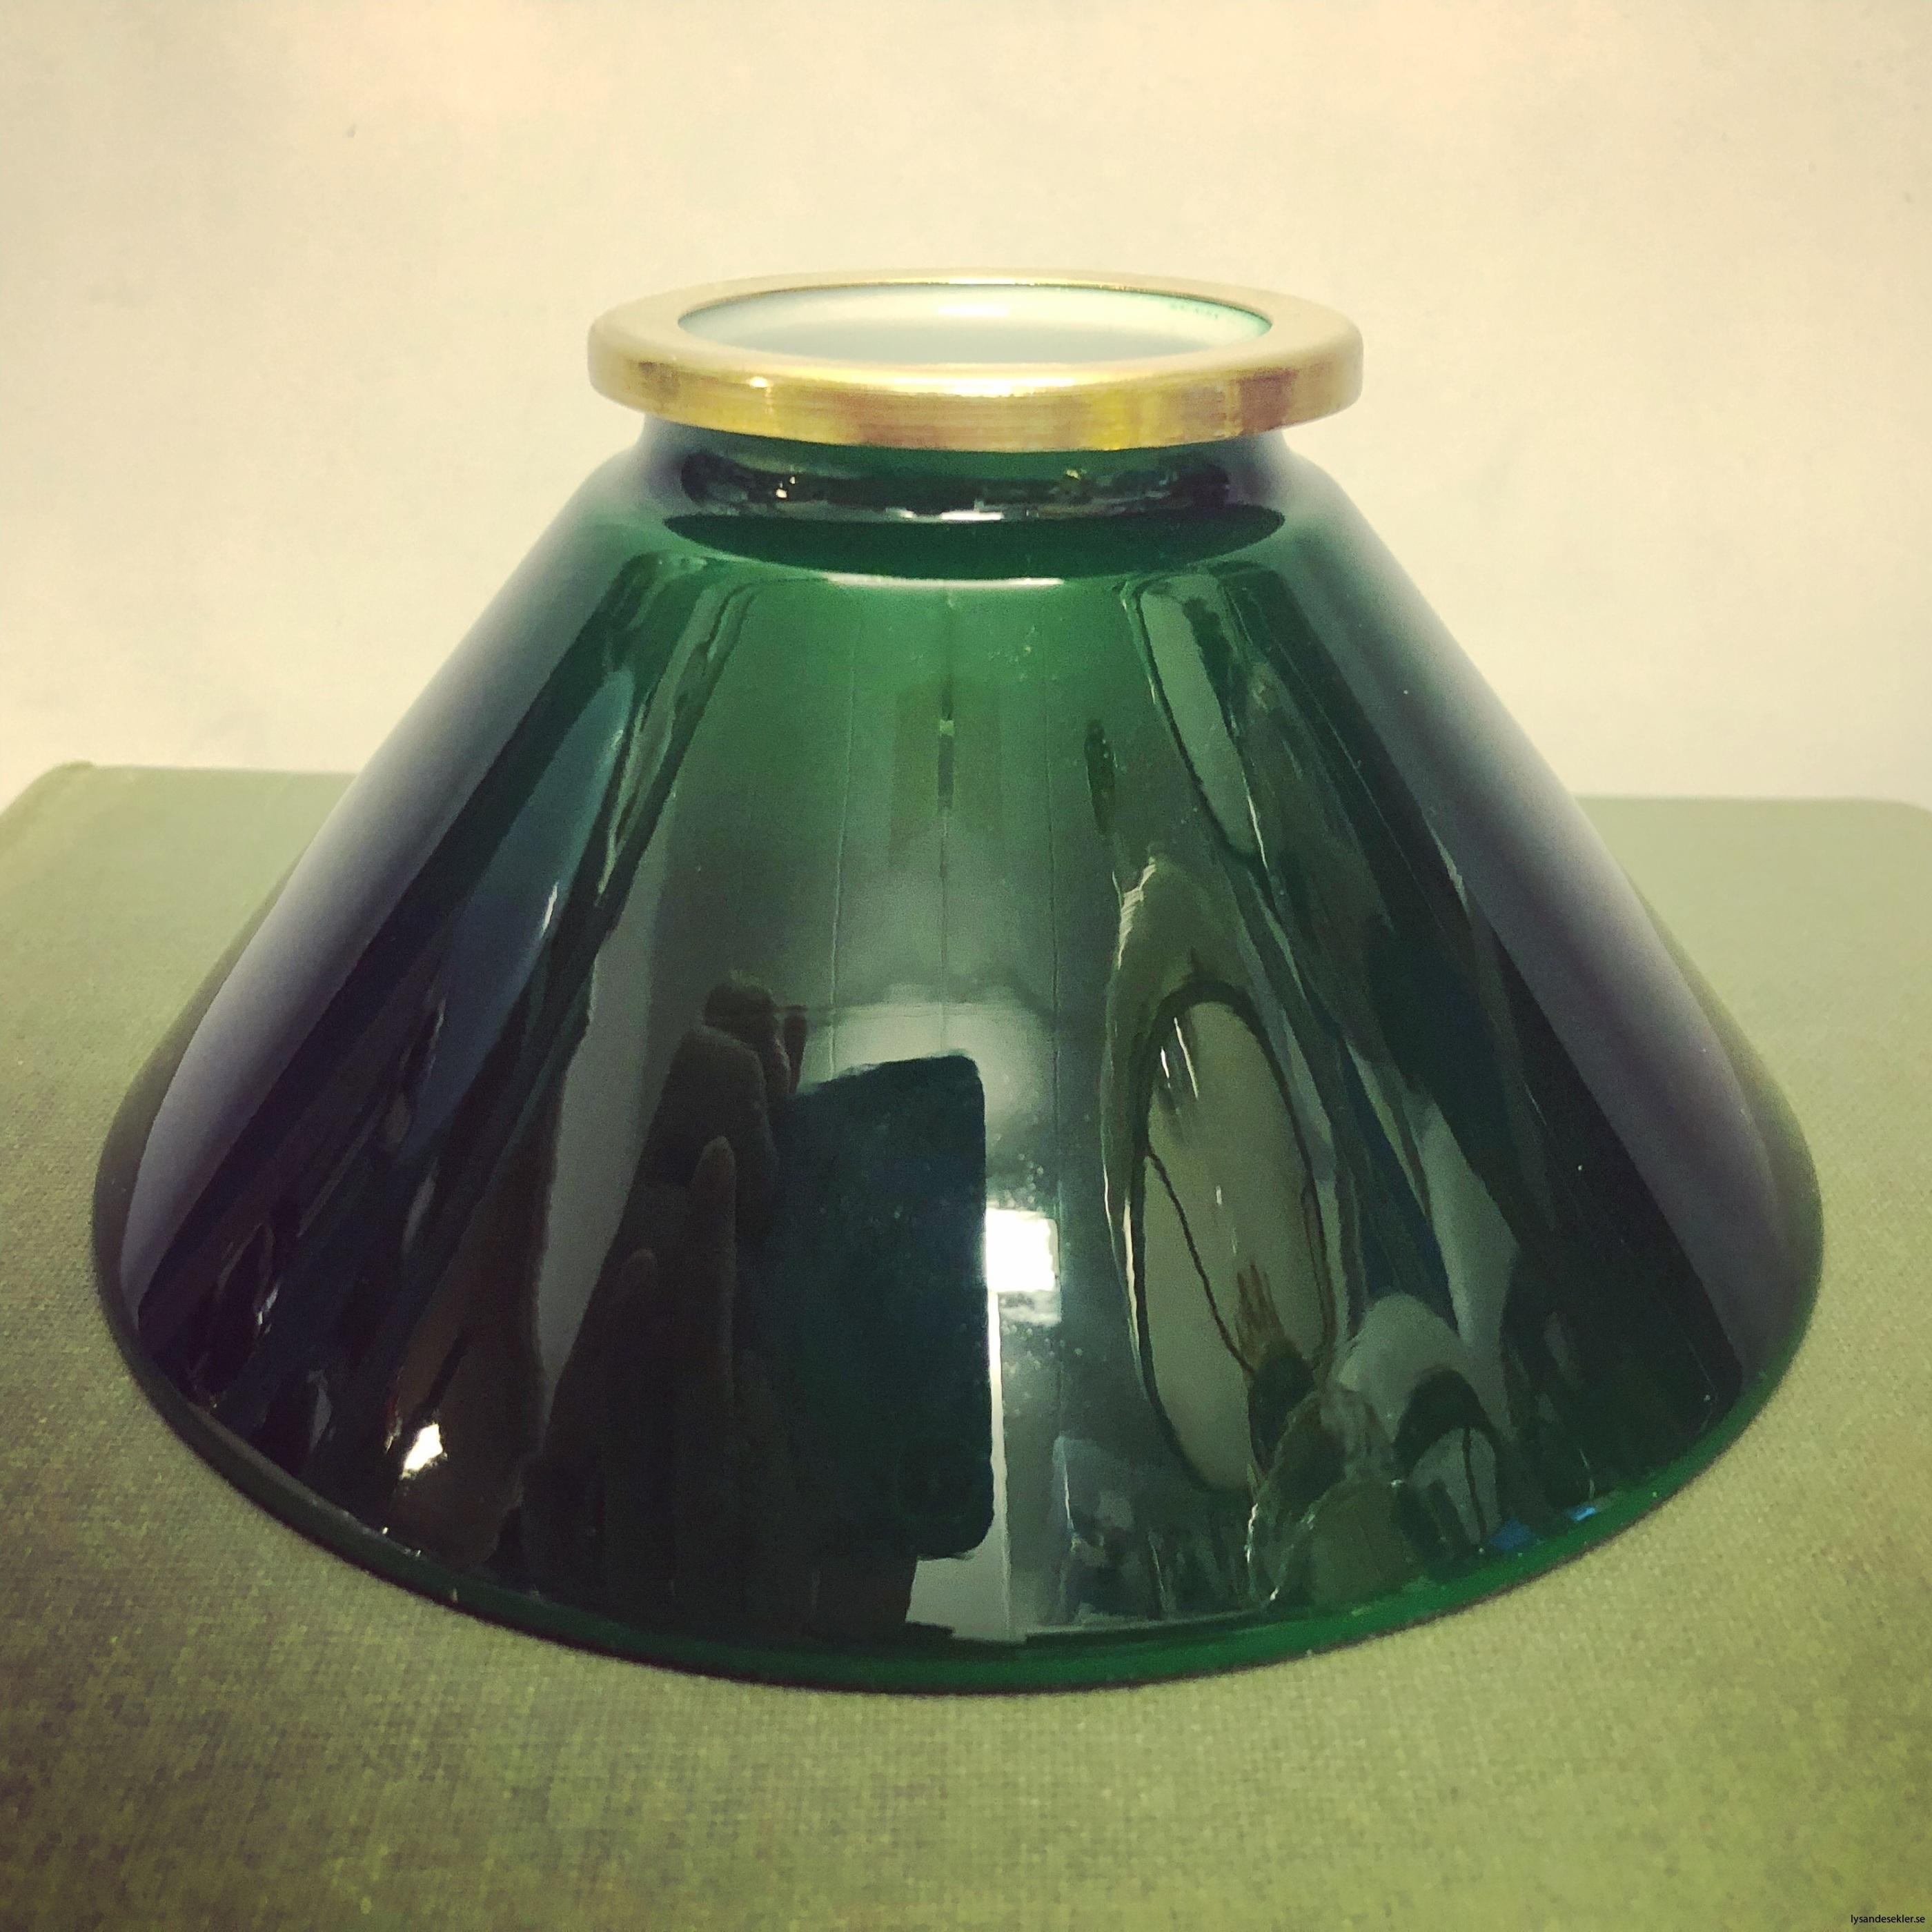 toppring på olika typer av glas2